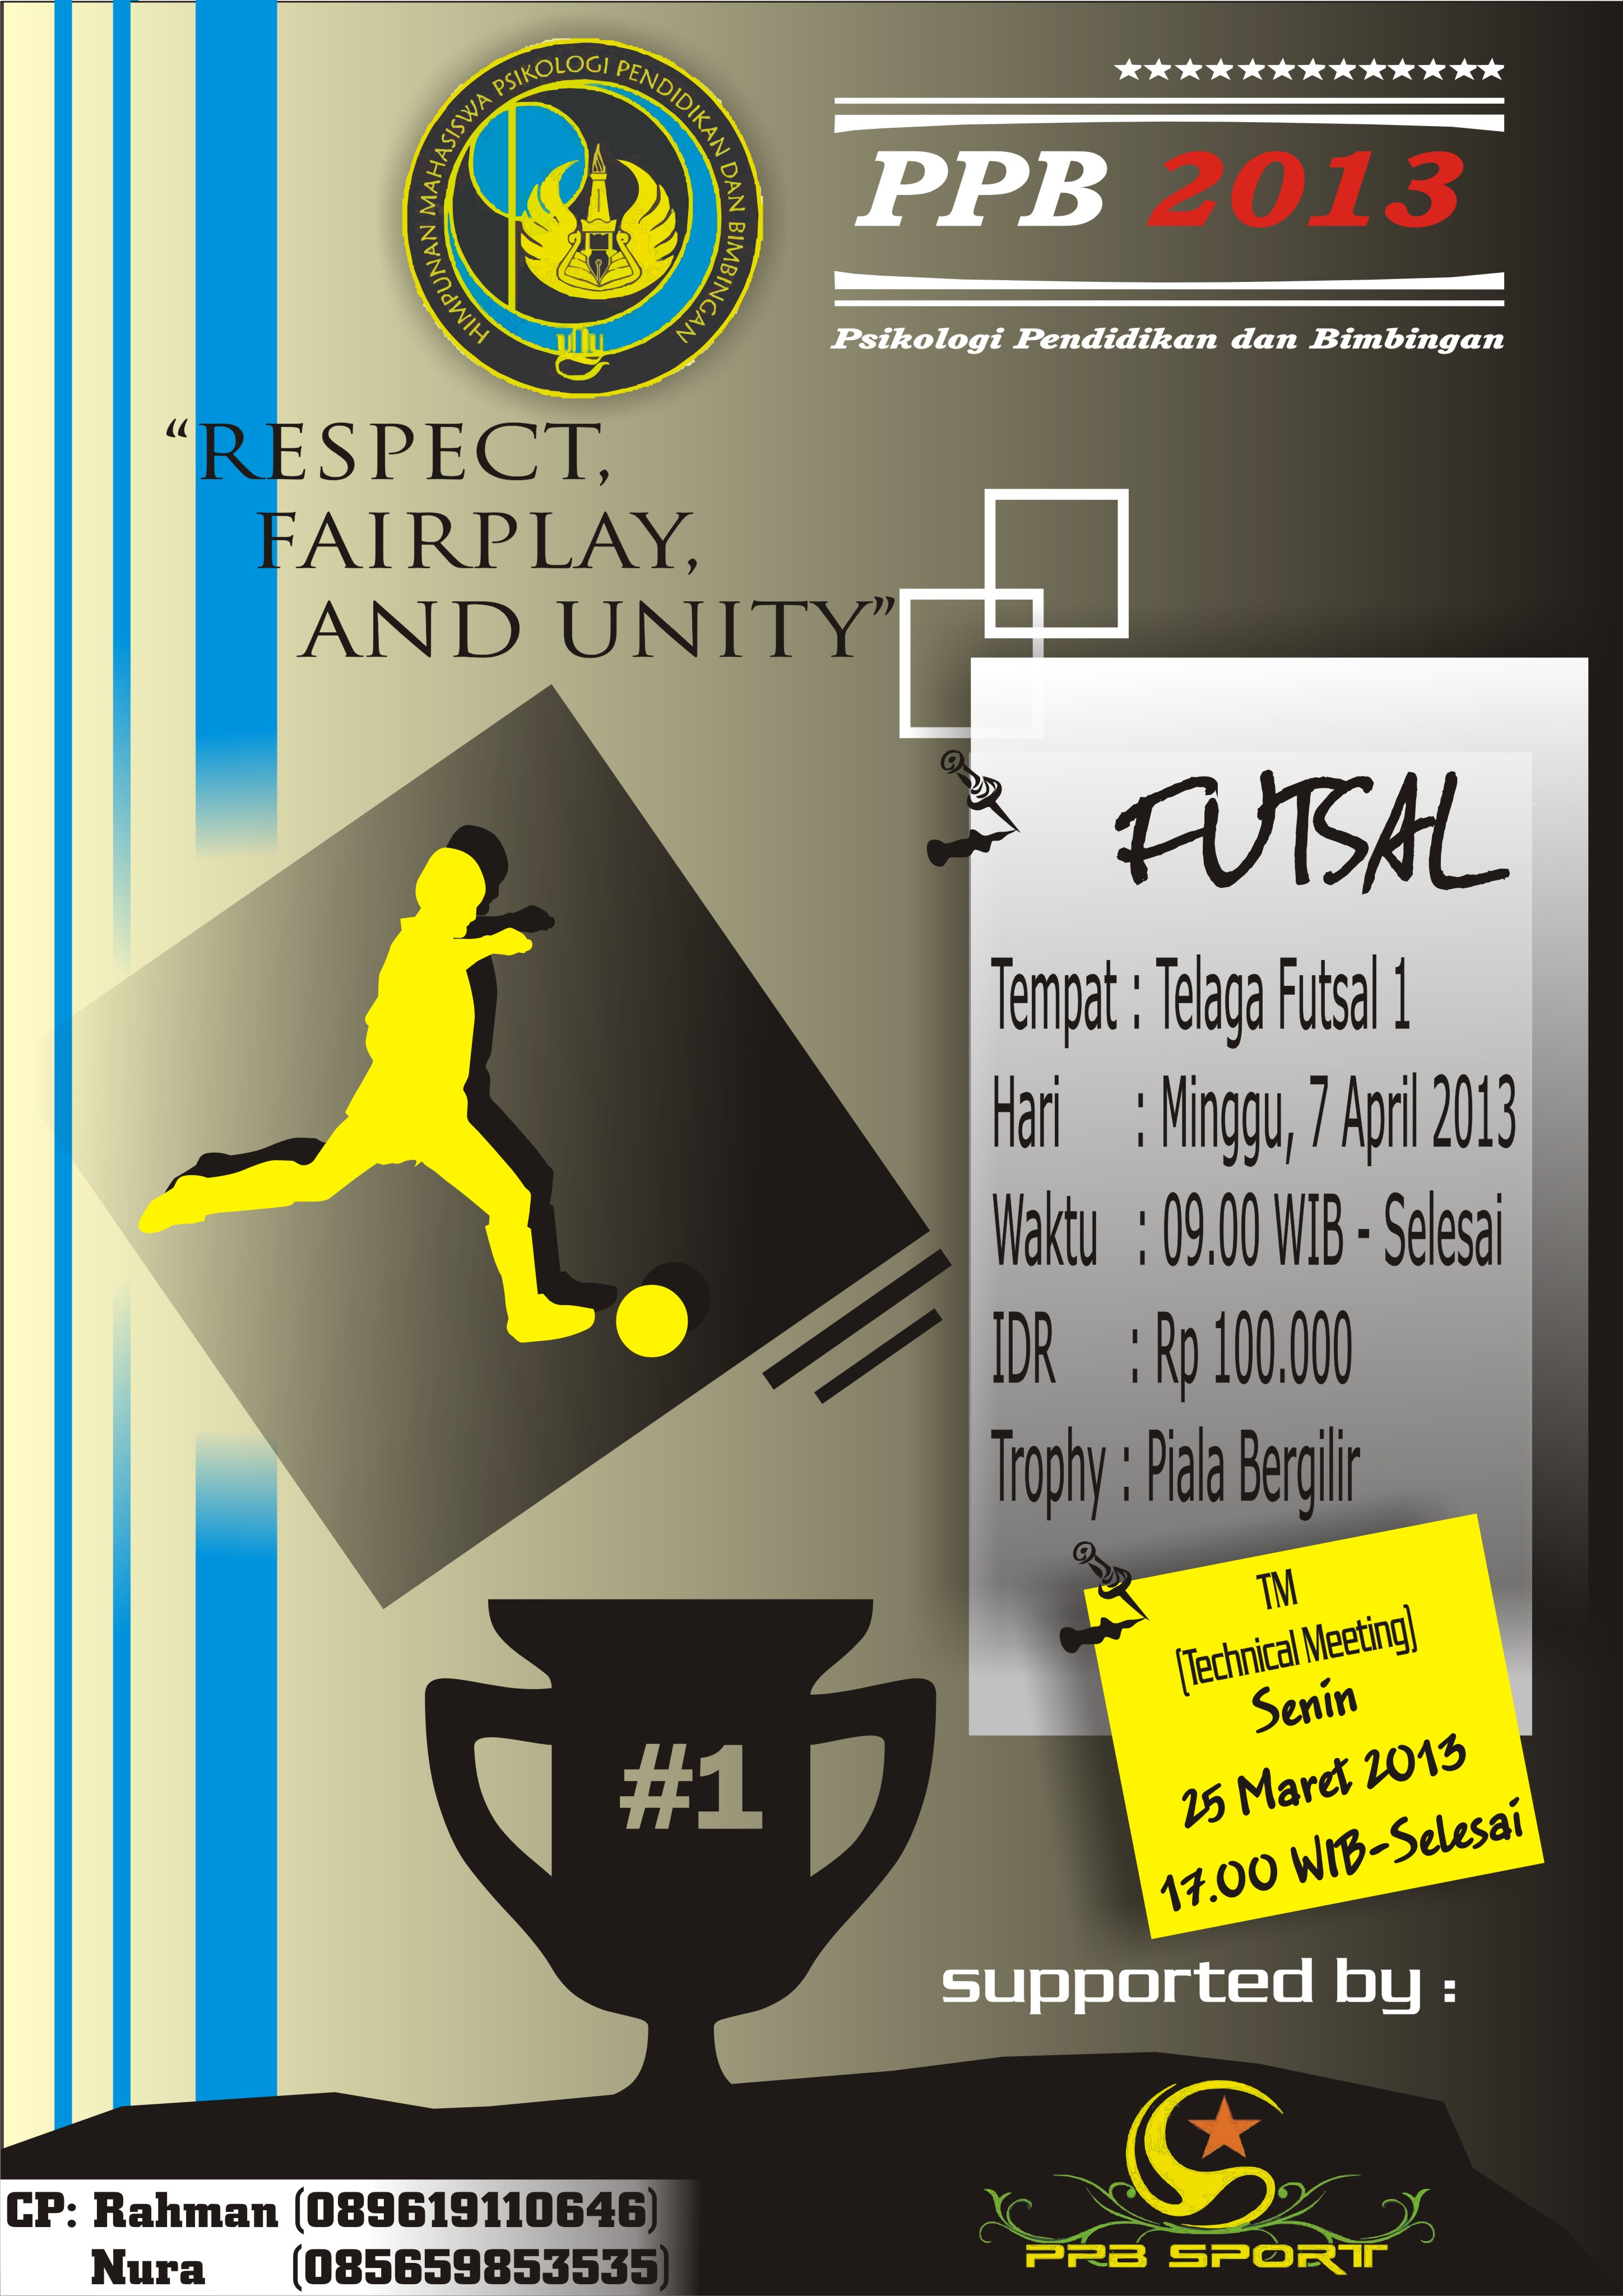 Futsal Hima Ppb Poses Lomba Event Proker Acara Piala Bk Himpunan